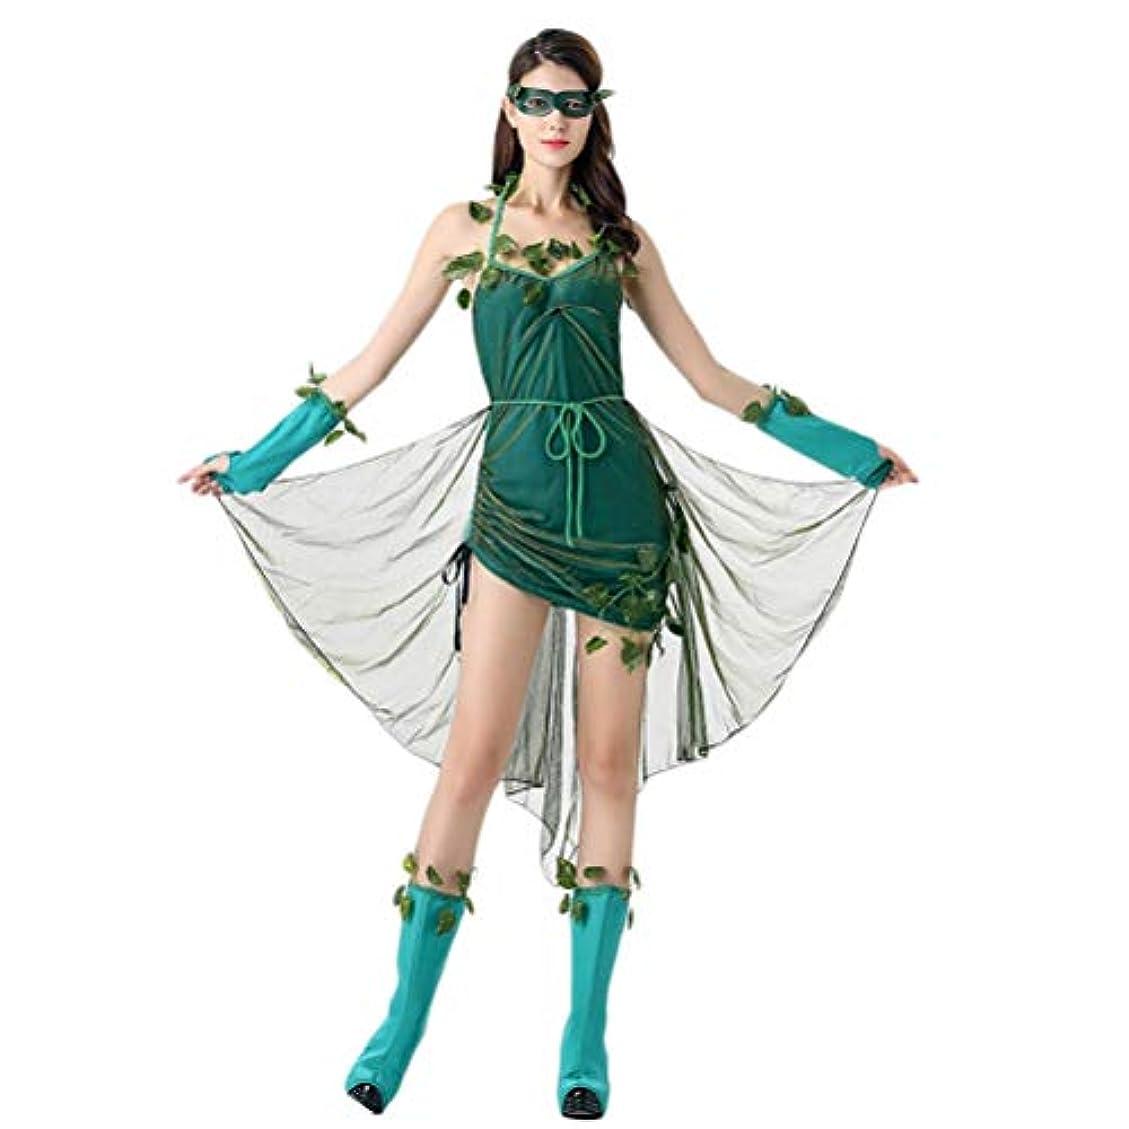 名詞リスナー好色なBESTOYARD ハロウィンステージの衣装美しいエルフの衣装森の悪魔の女神女性のコスプレ衣装ユニフォームパーティードレススーツ